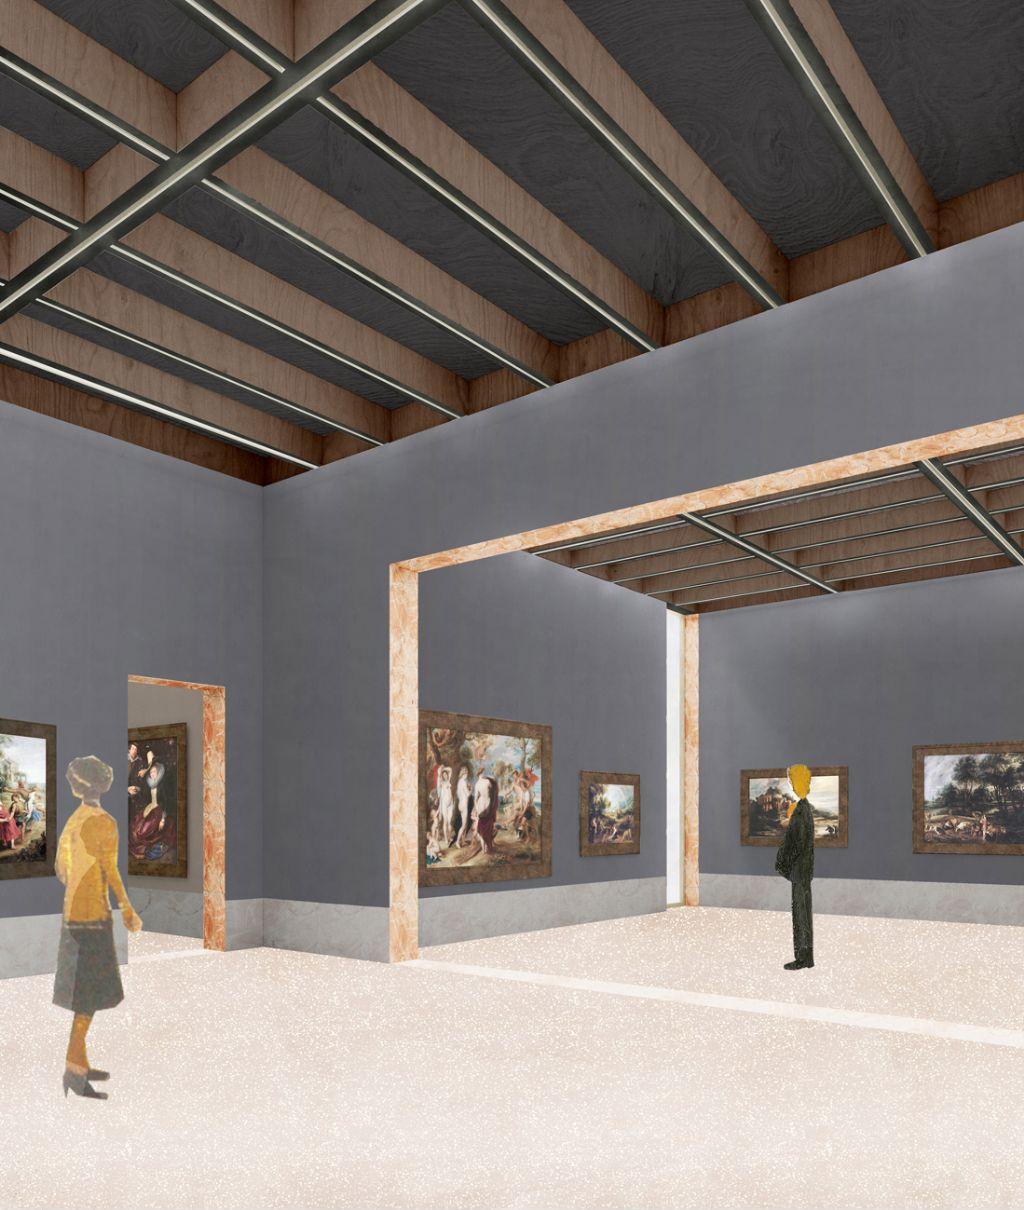 Blik in de tijdelijke tentoonstellingsruimte op de tweede verdieping. De ruimtes zijn museaal opgevat, maar behouden een huiselijk karakter.